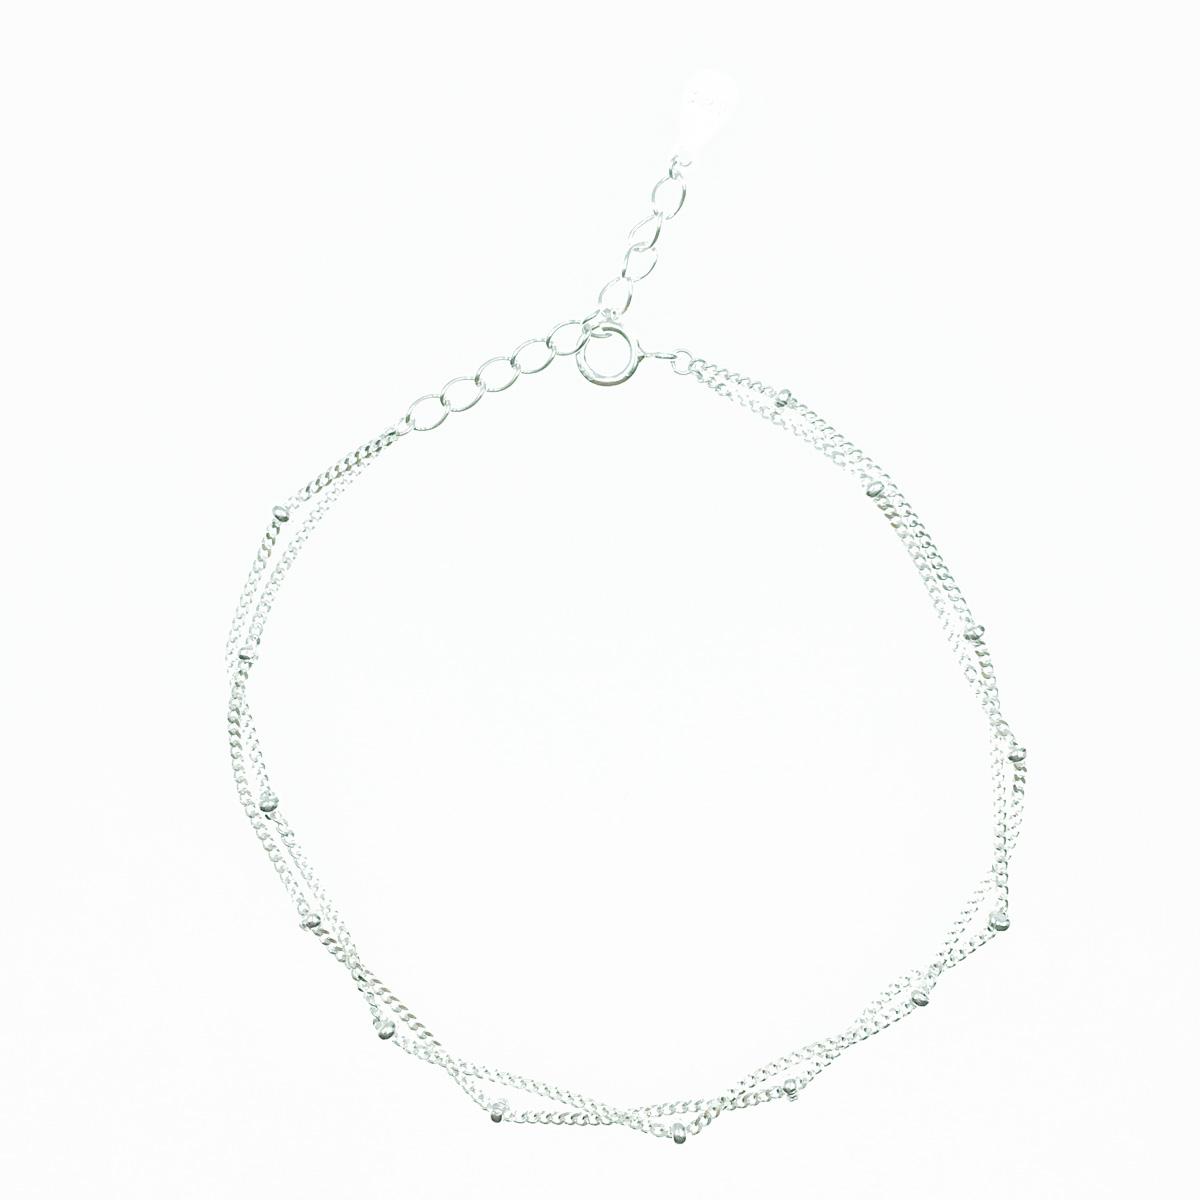 韓國 925純銀 小銀珠 珠鍊 簡約款 手飾 手鍊